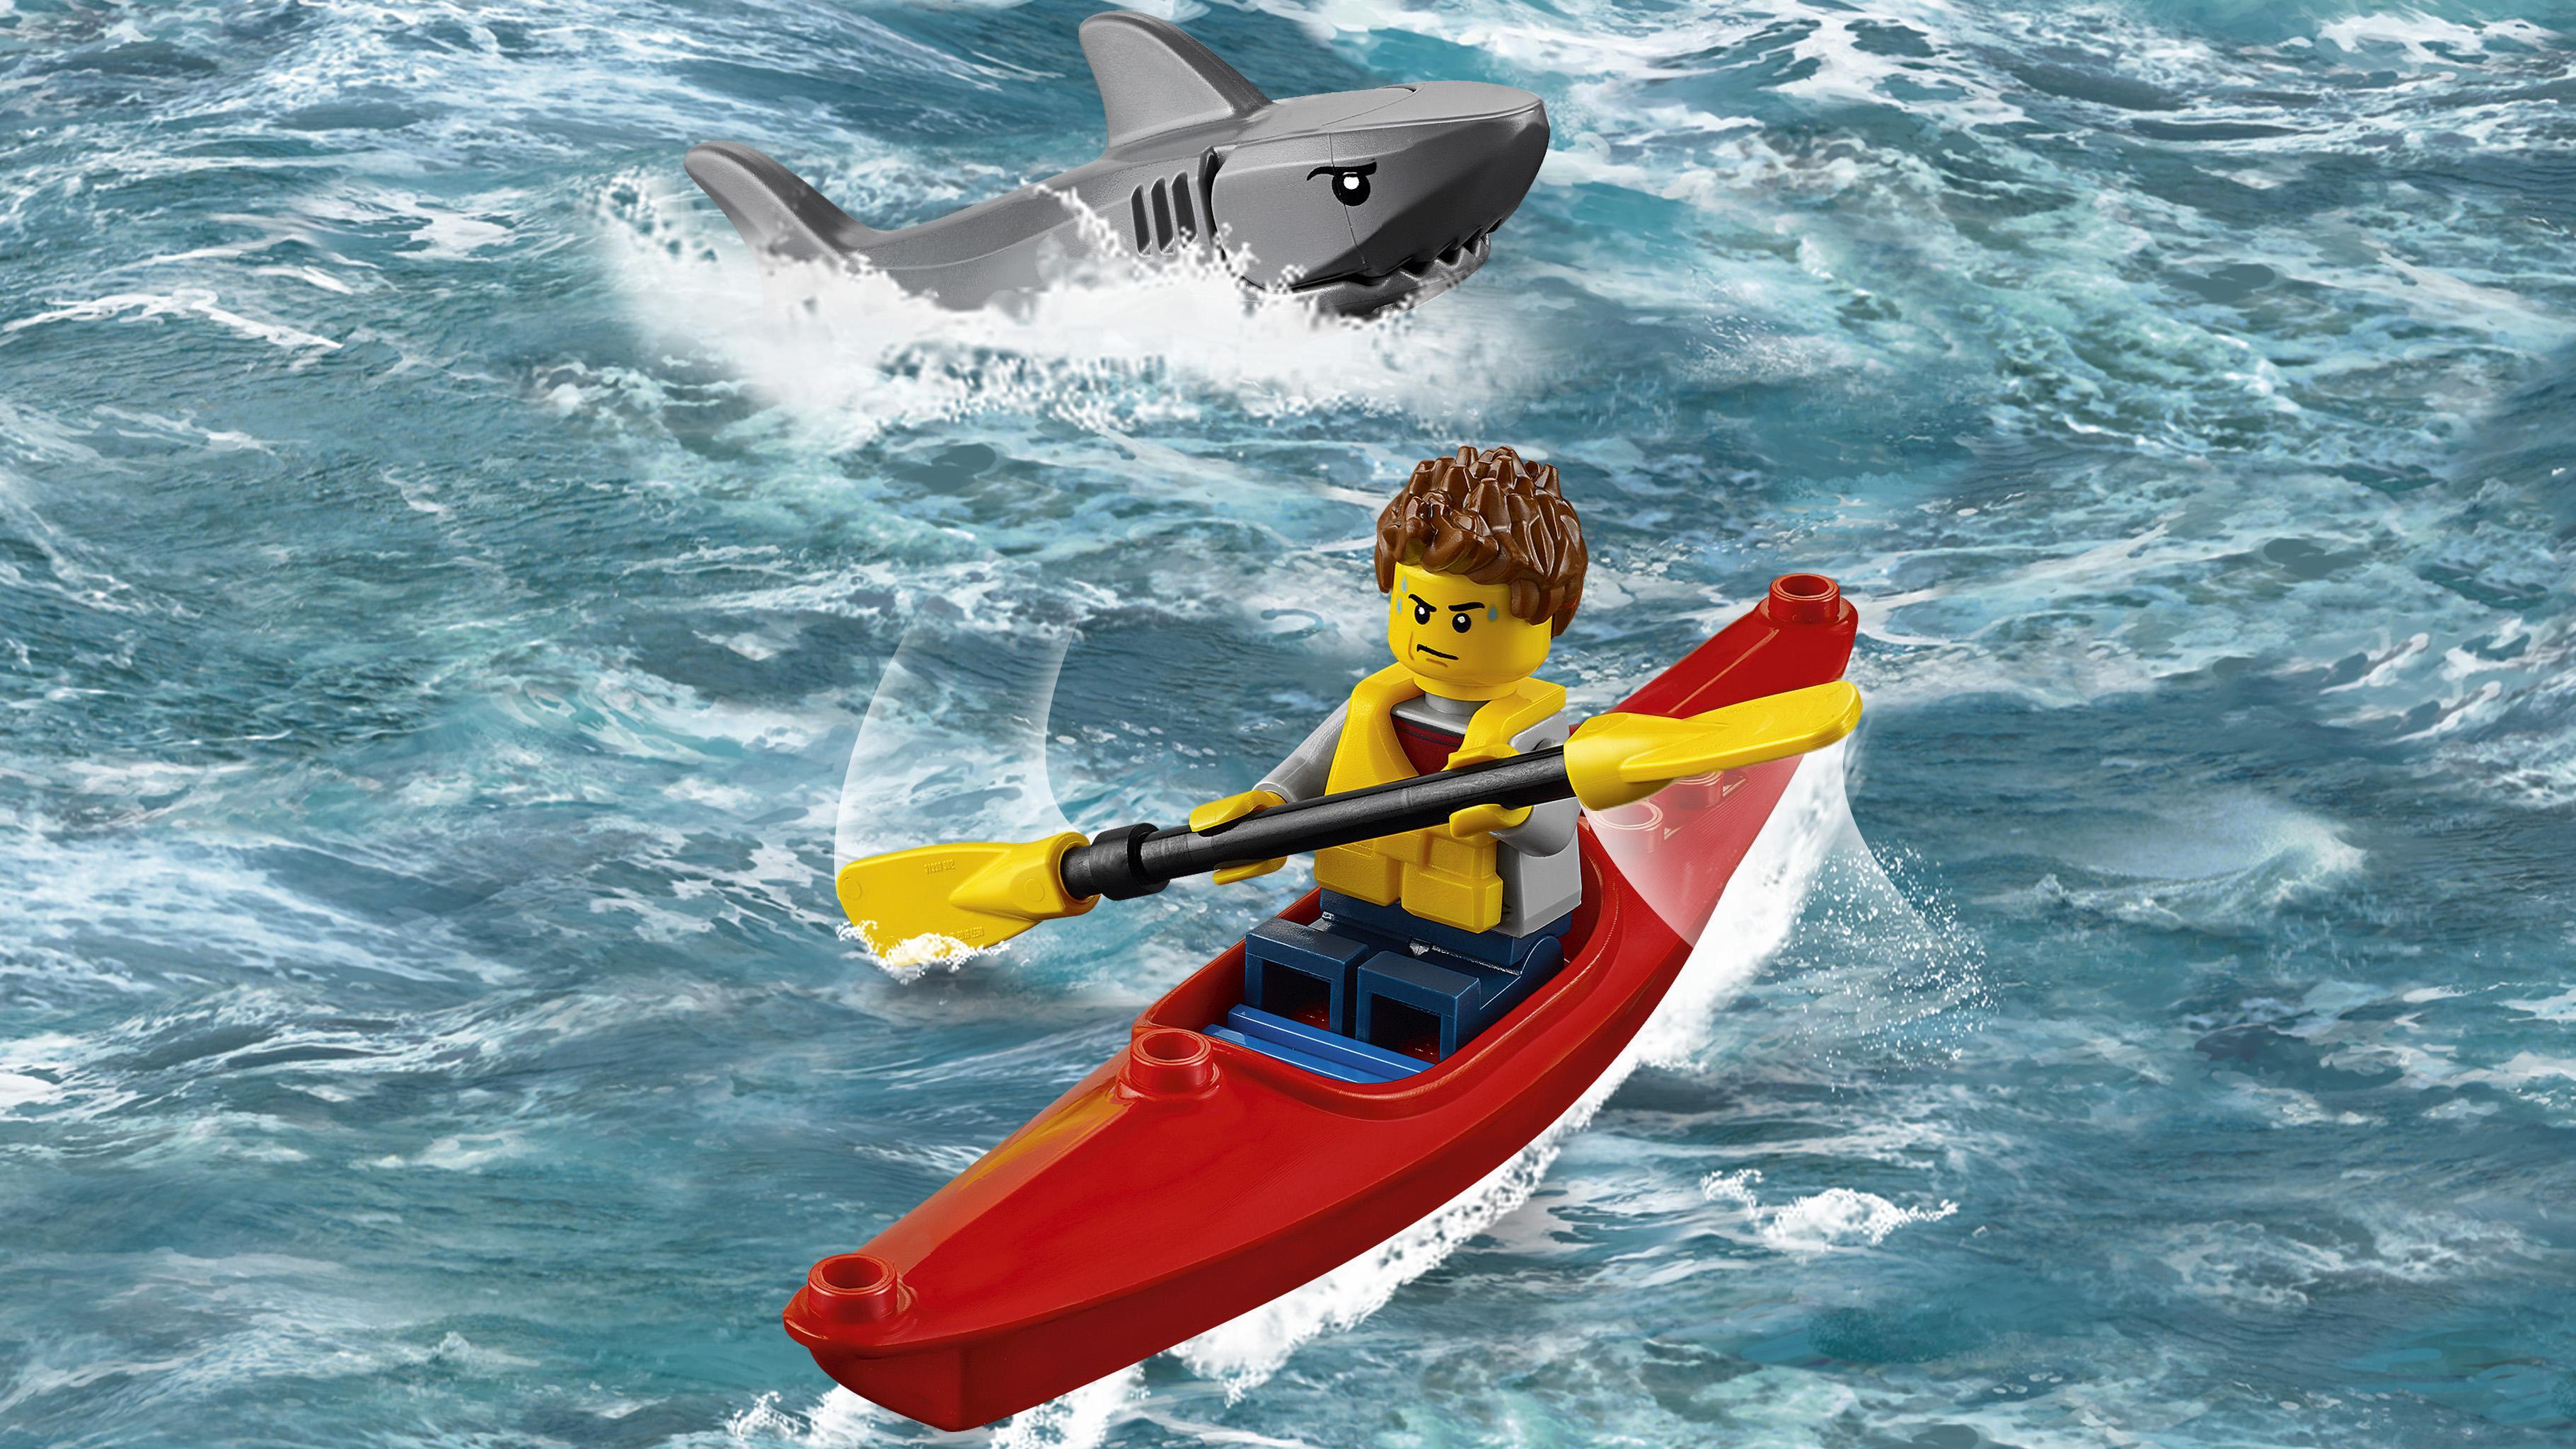 Elicottero Squalo : Lego city coast guard elicottero della guardia